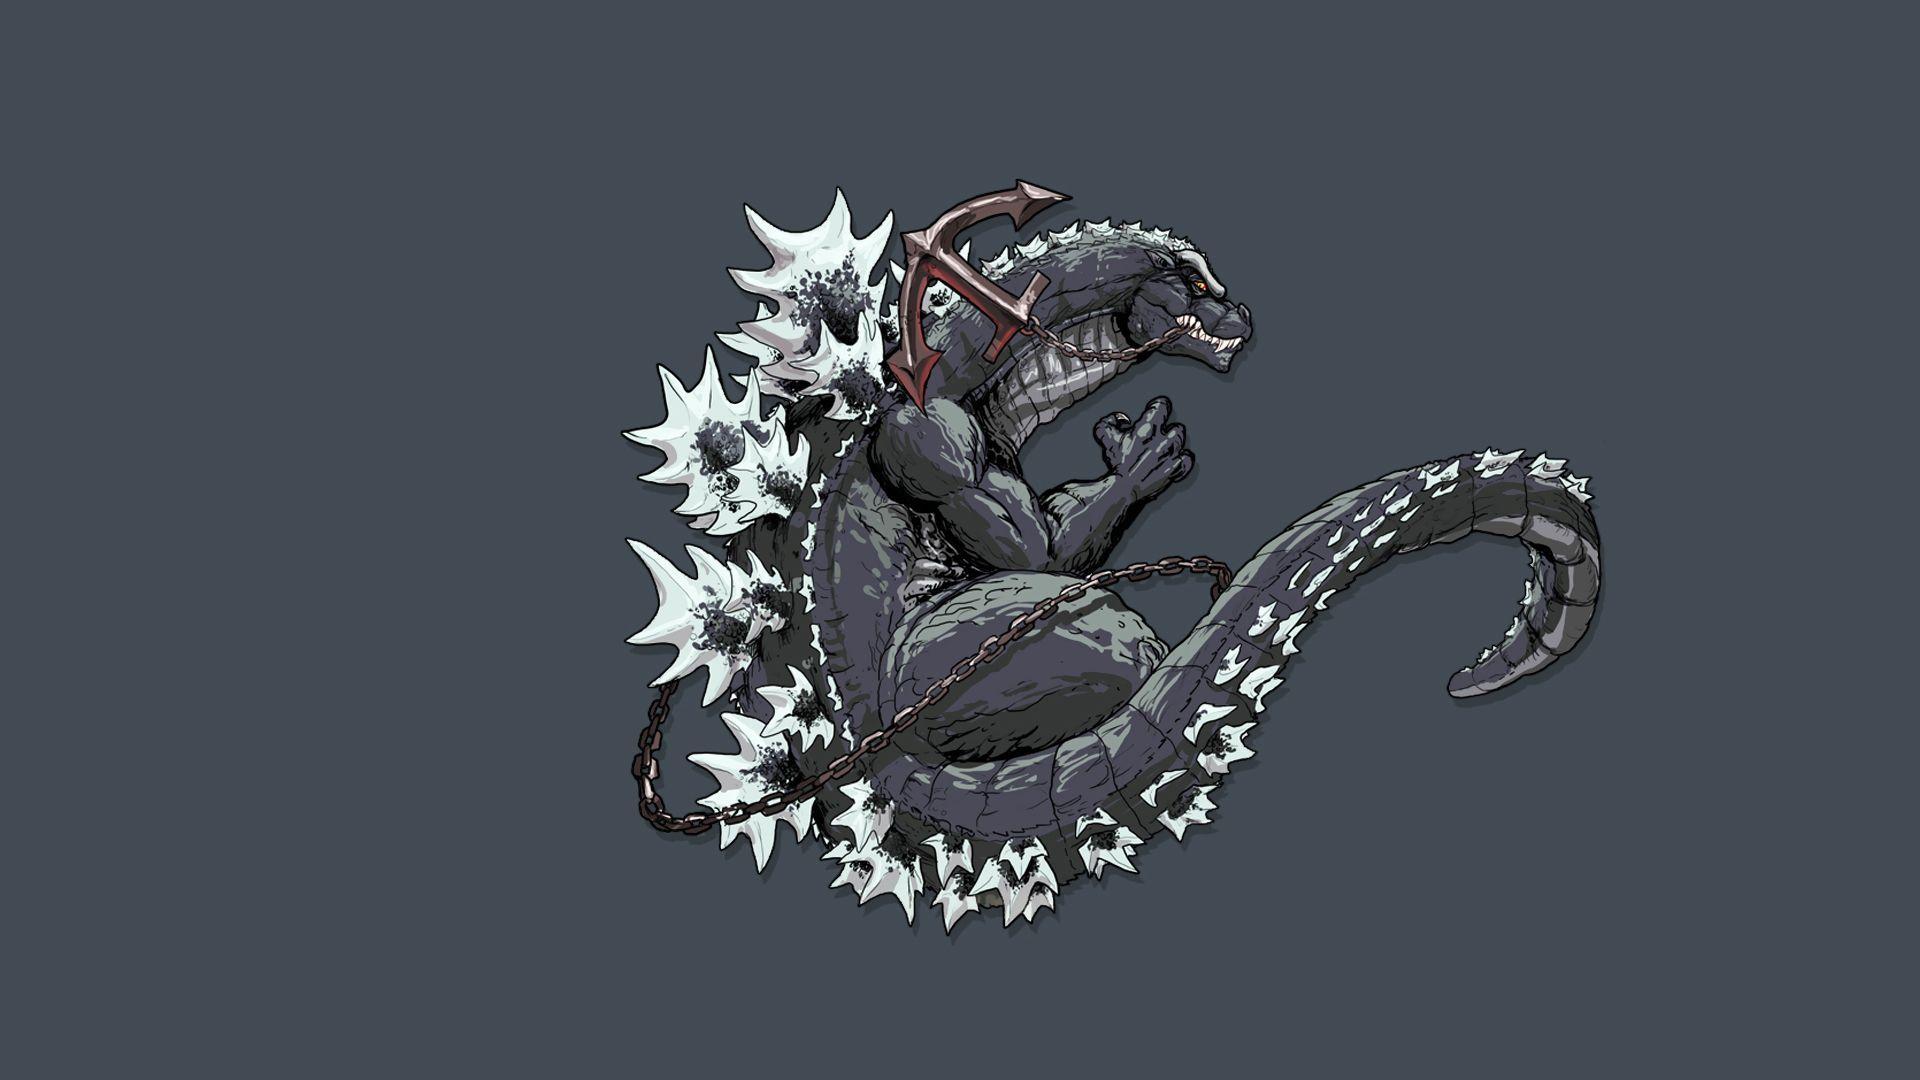 Hình nền điện thoại Godzilla 1920x1080